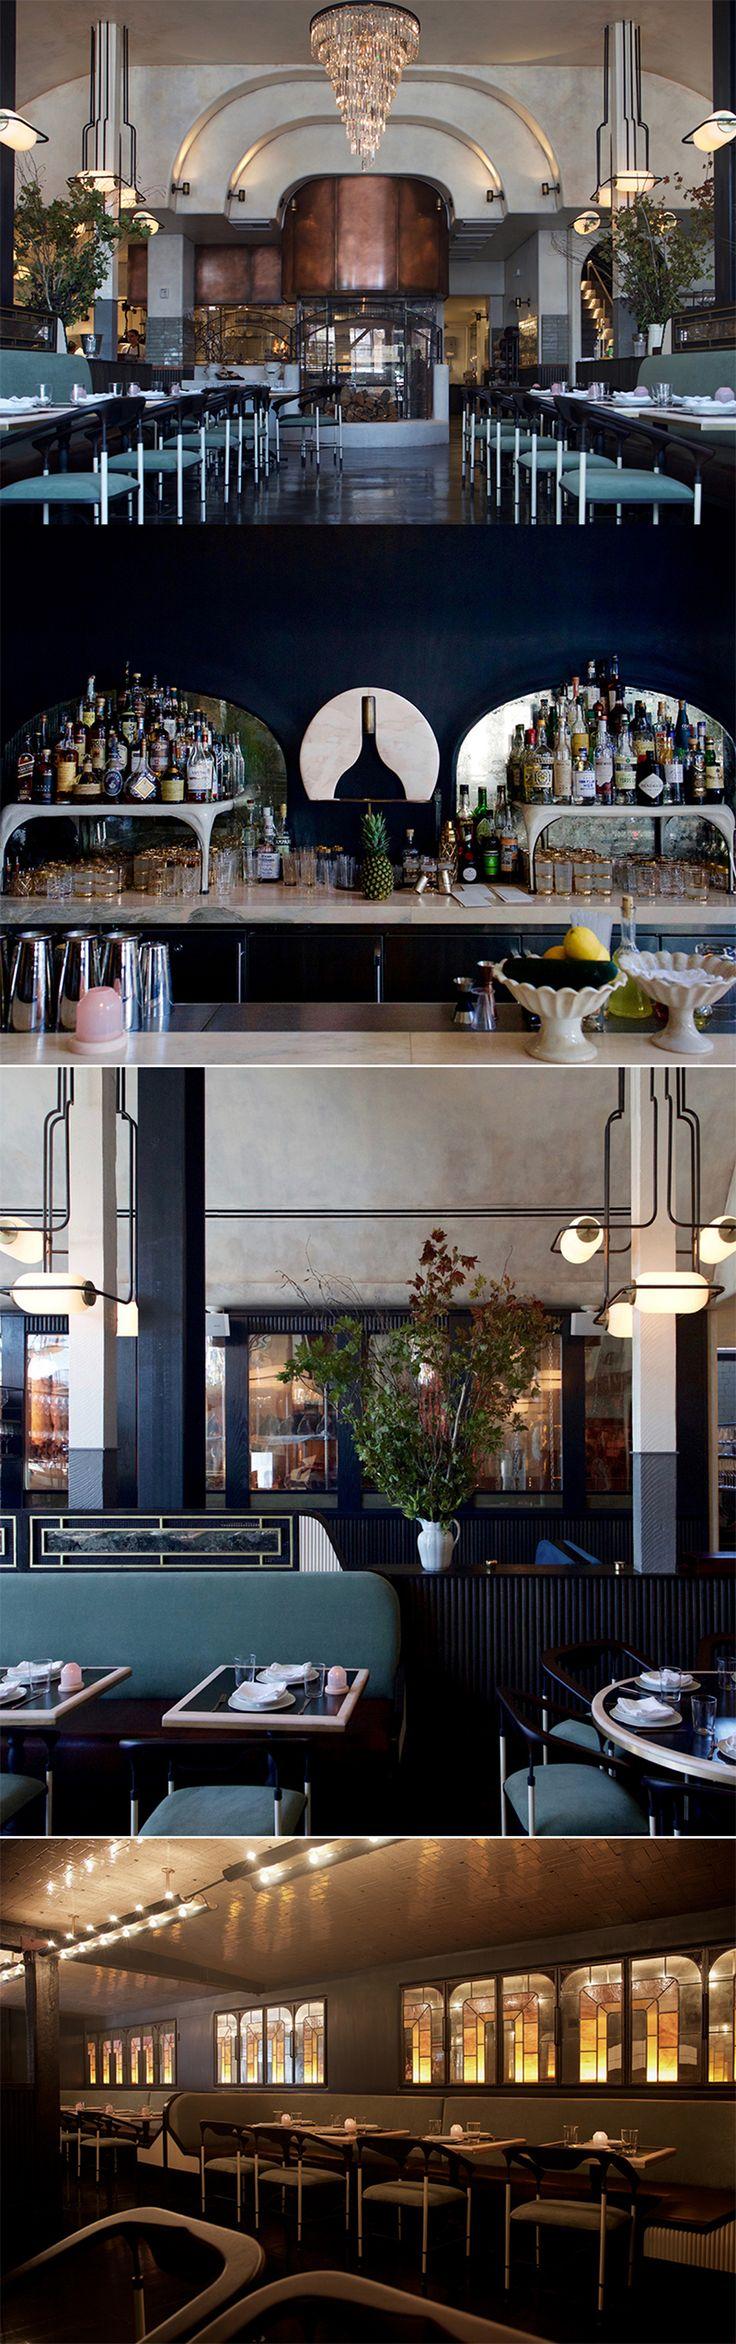 2458 best Restaurant / Bar images on Pinterest | Restaurant design ...